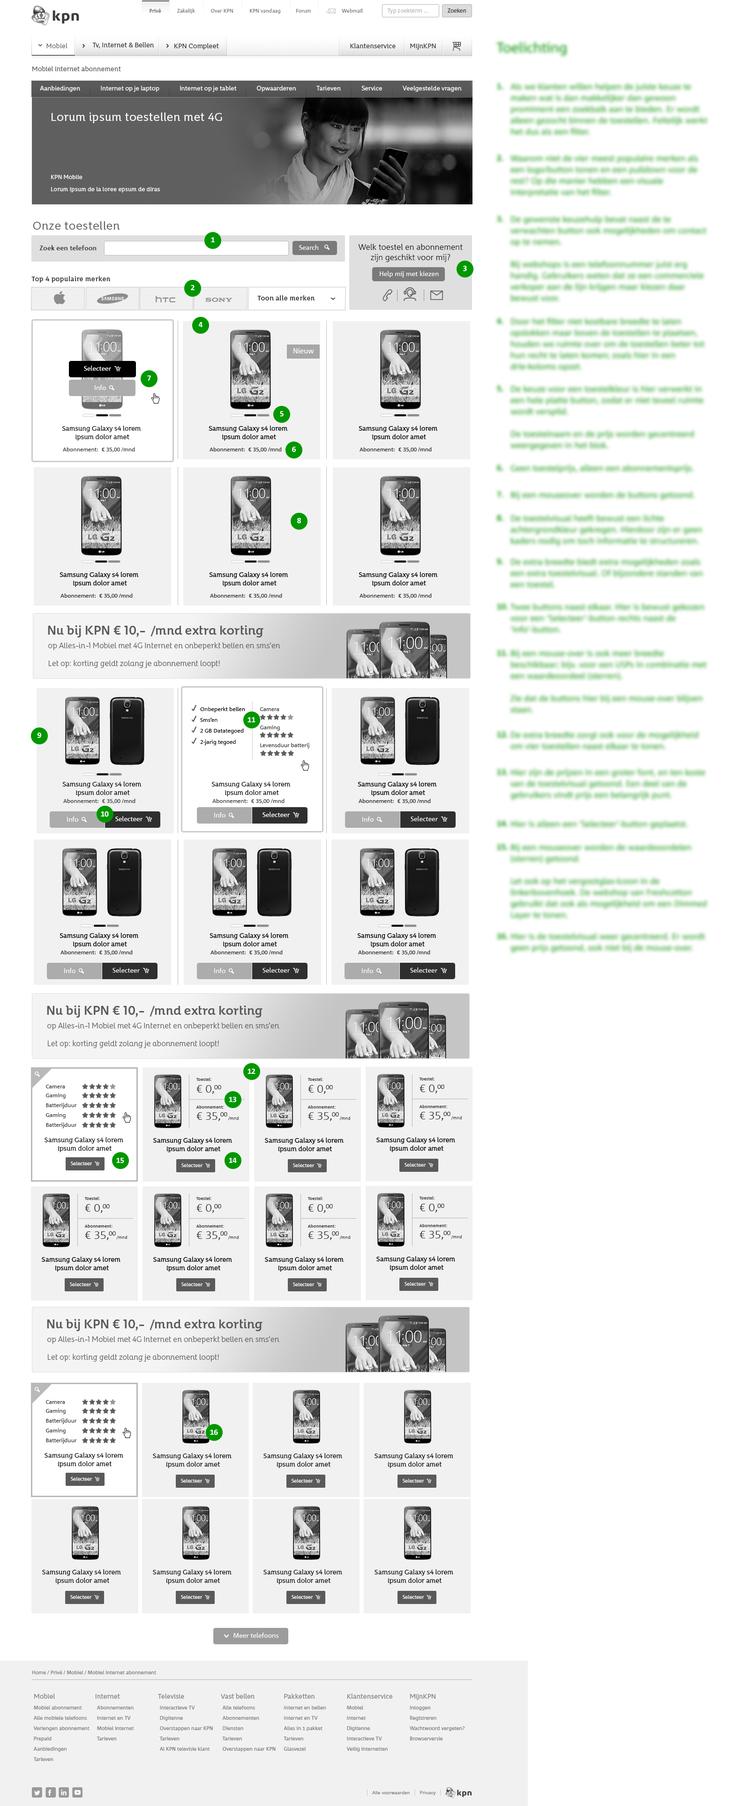 Afbeelding 2 van 9 - KPN 2007 - 2015 UX & UI Design - Product Overview pagina met toelichting van design keuzes